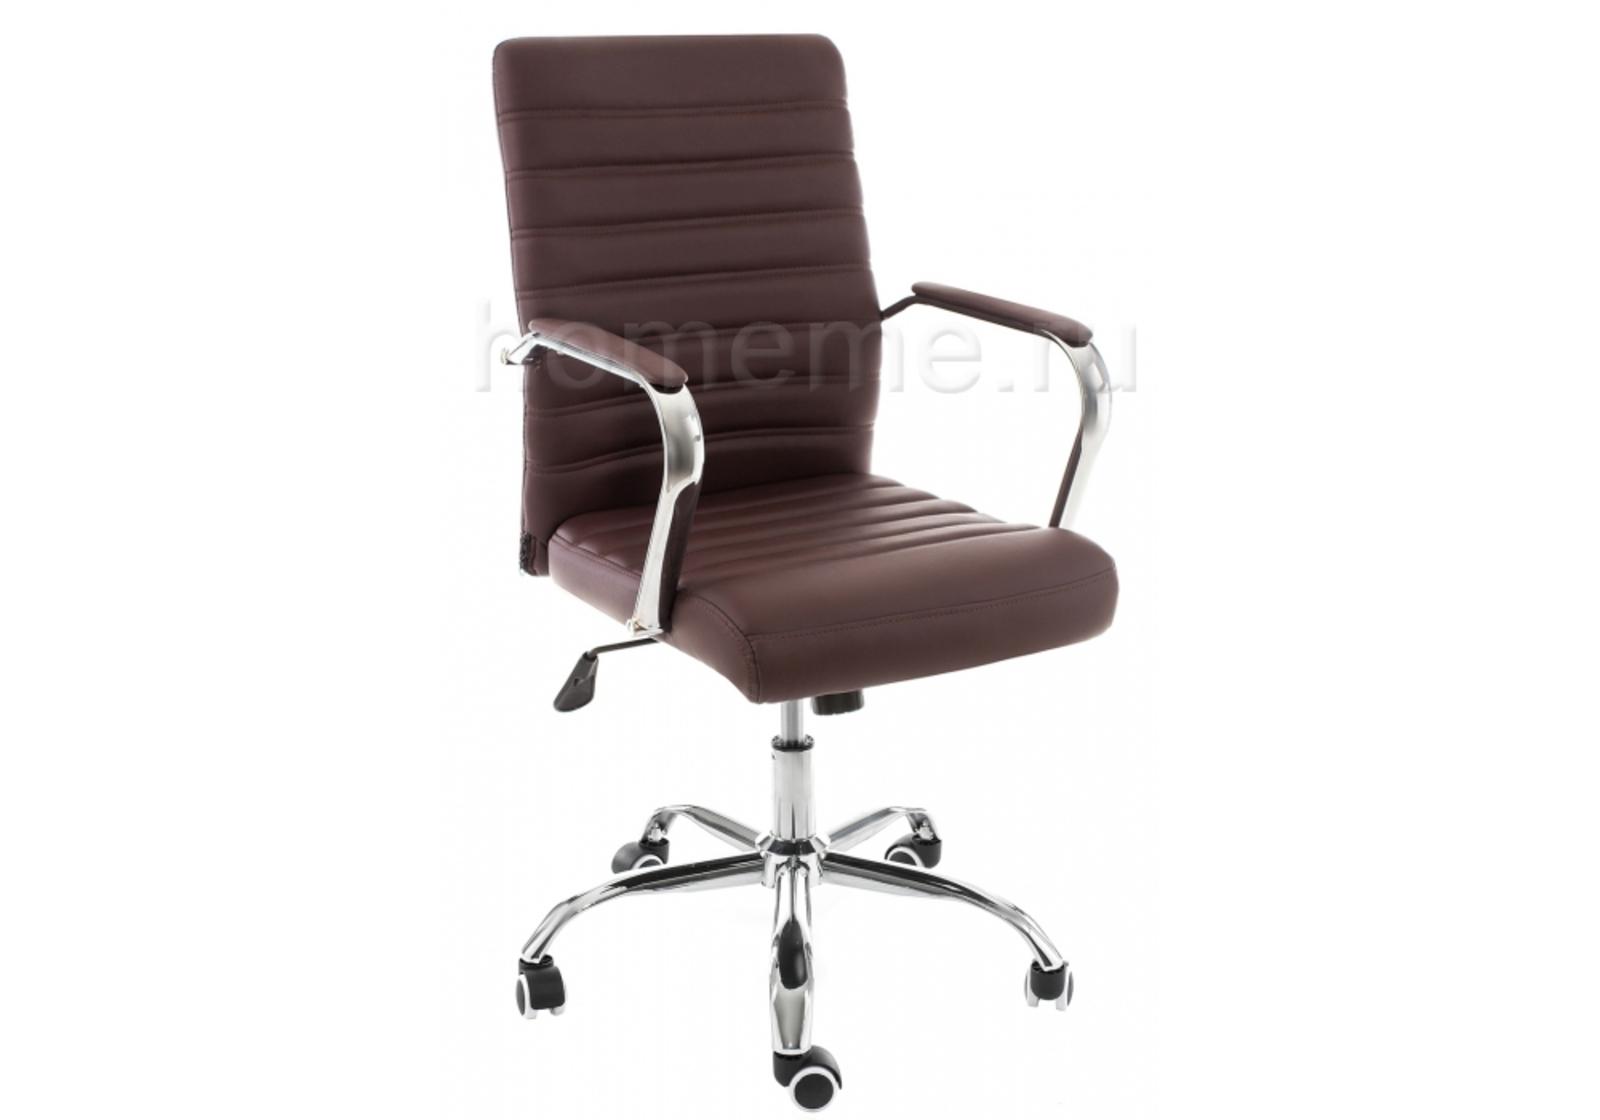 Кресло для офиса HomeMe Компьютерное кресло Tongo коричневое 11068 от Homeme.ru